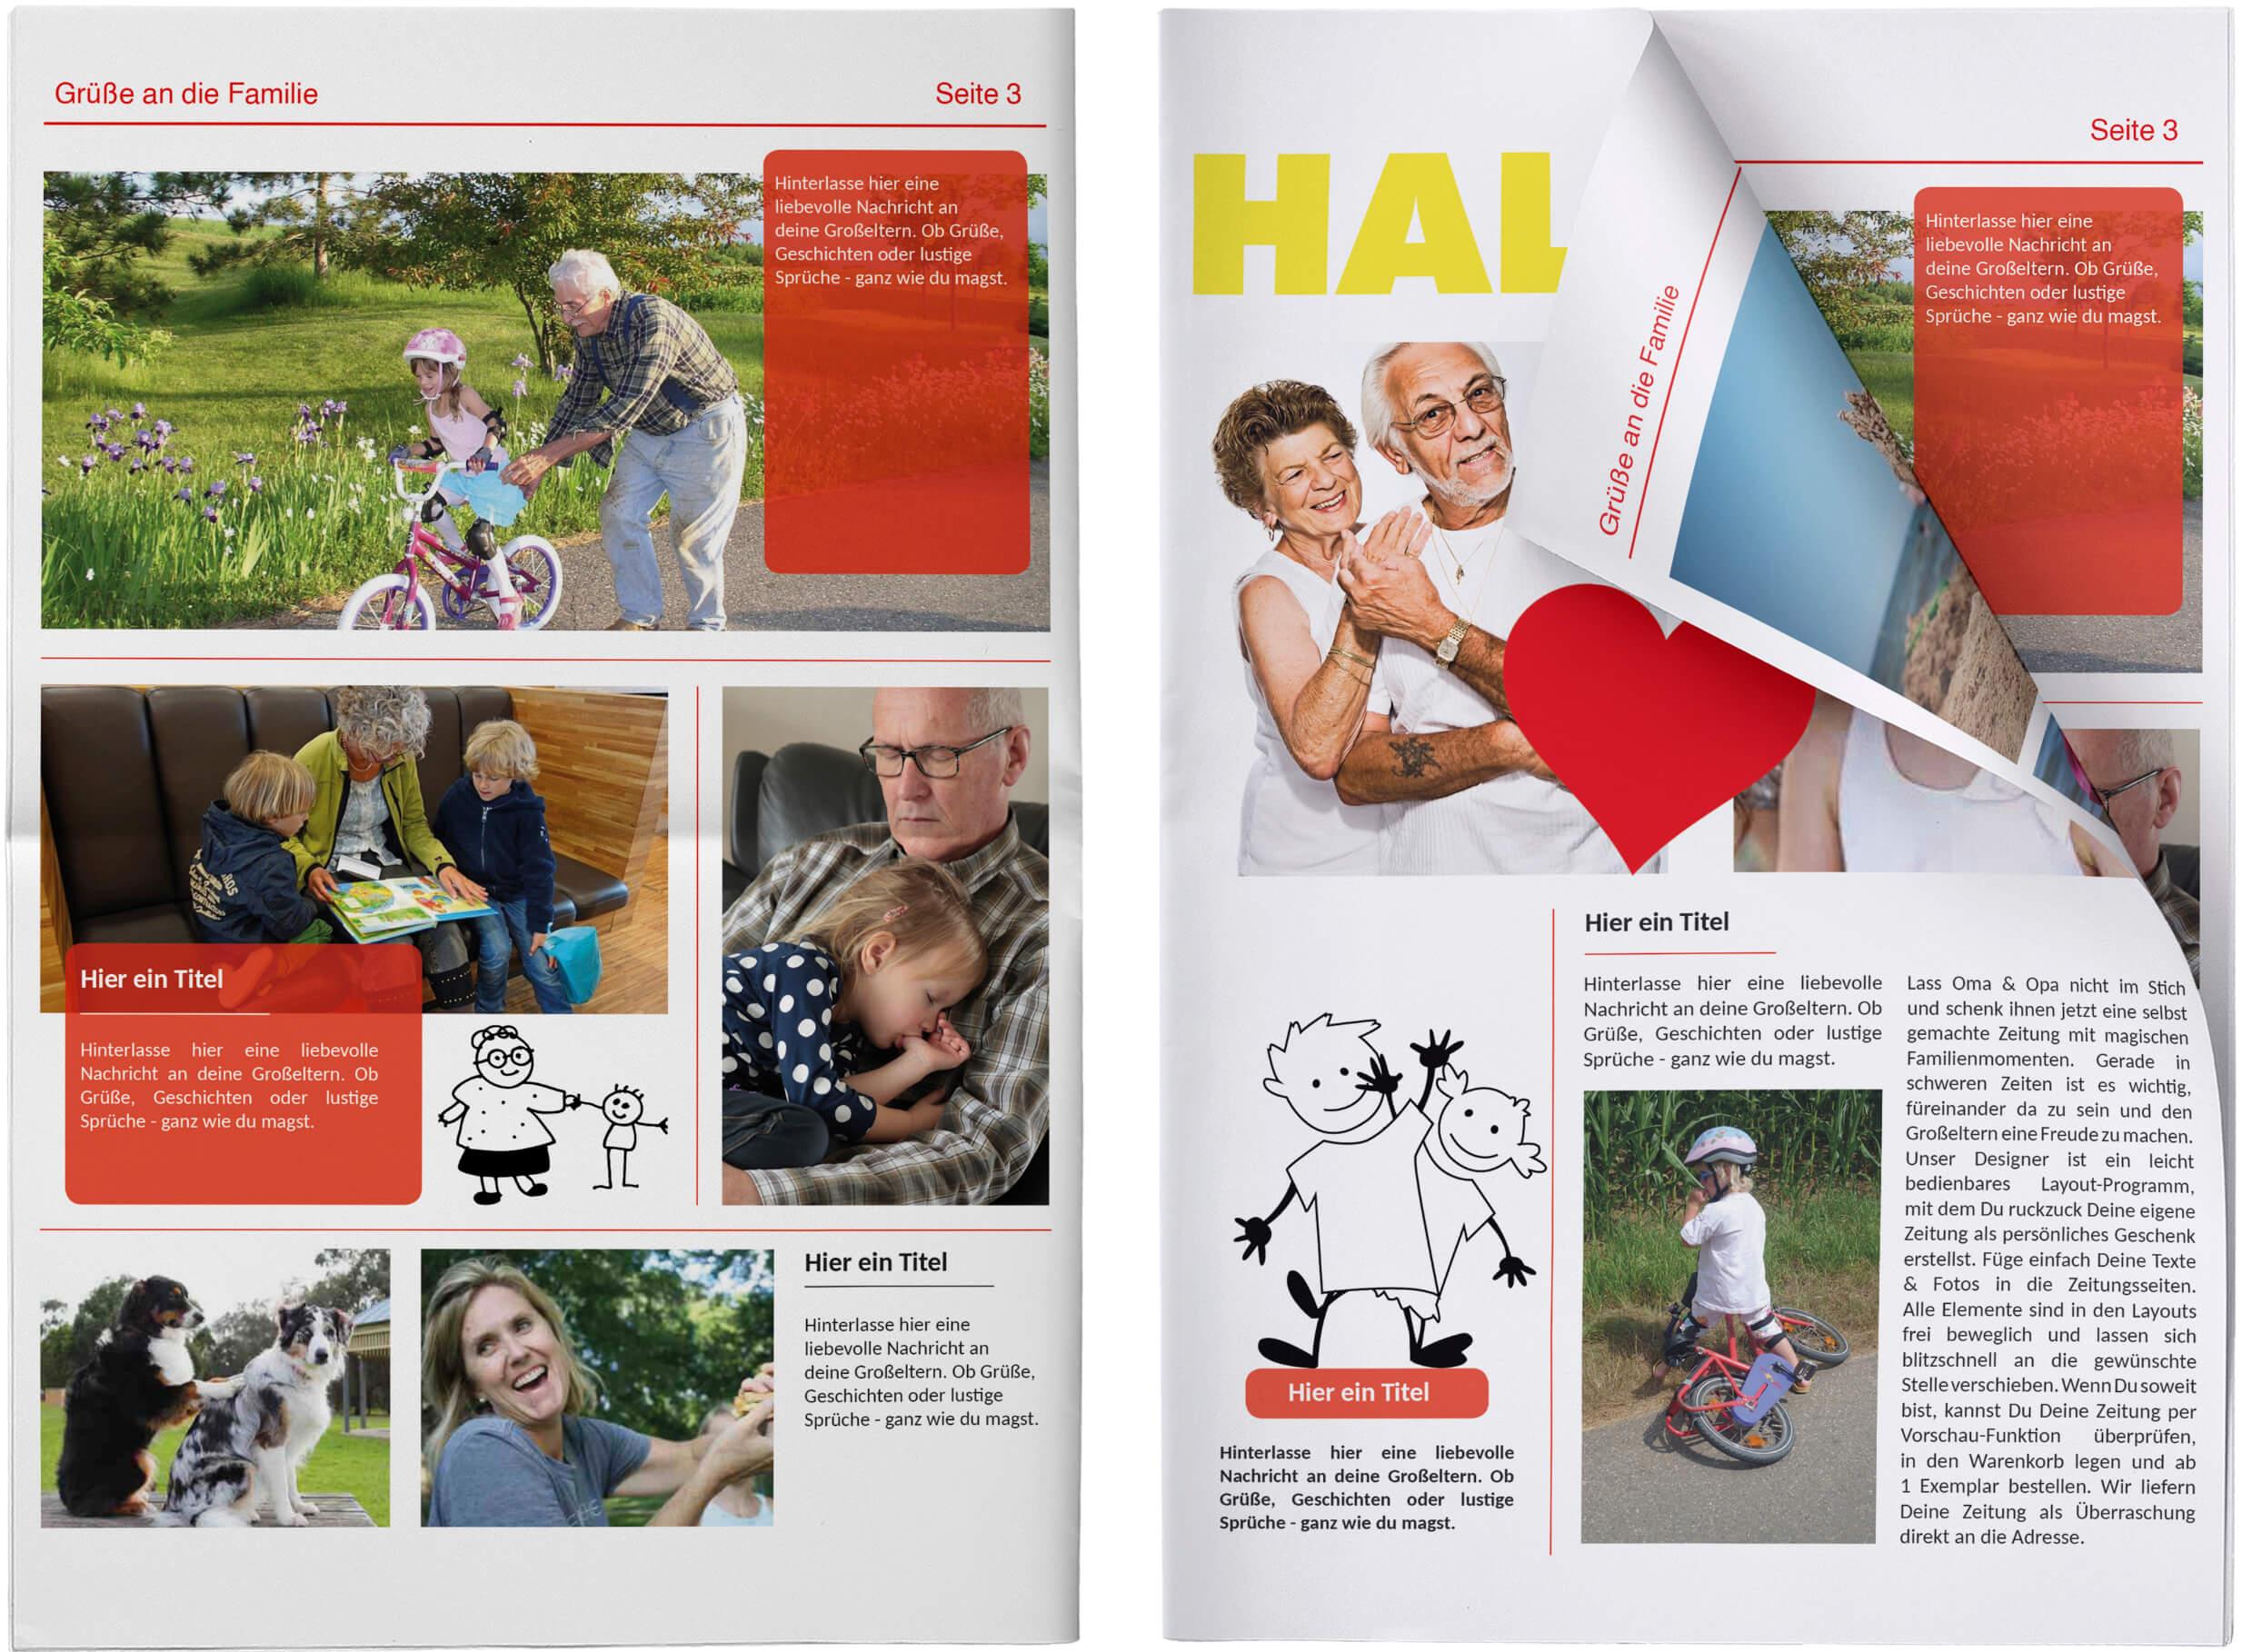 Echte Zeitung als Geschenk für Großeltern gestalten